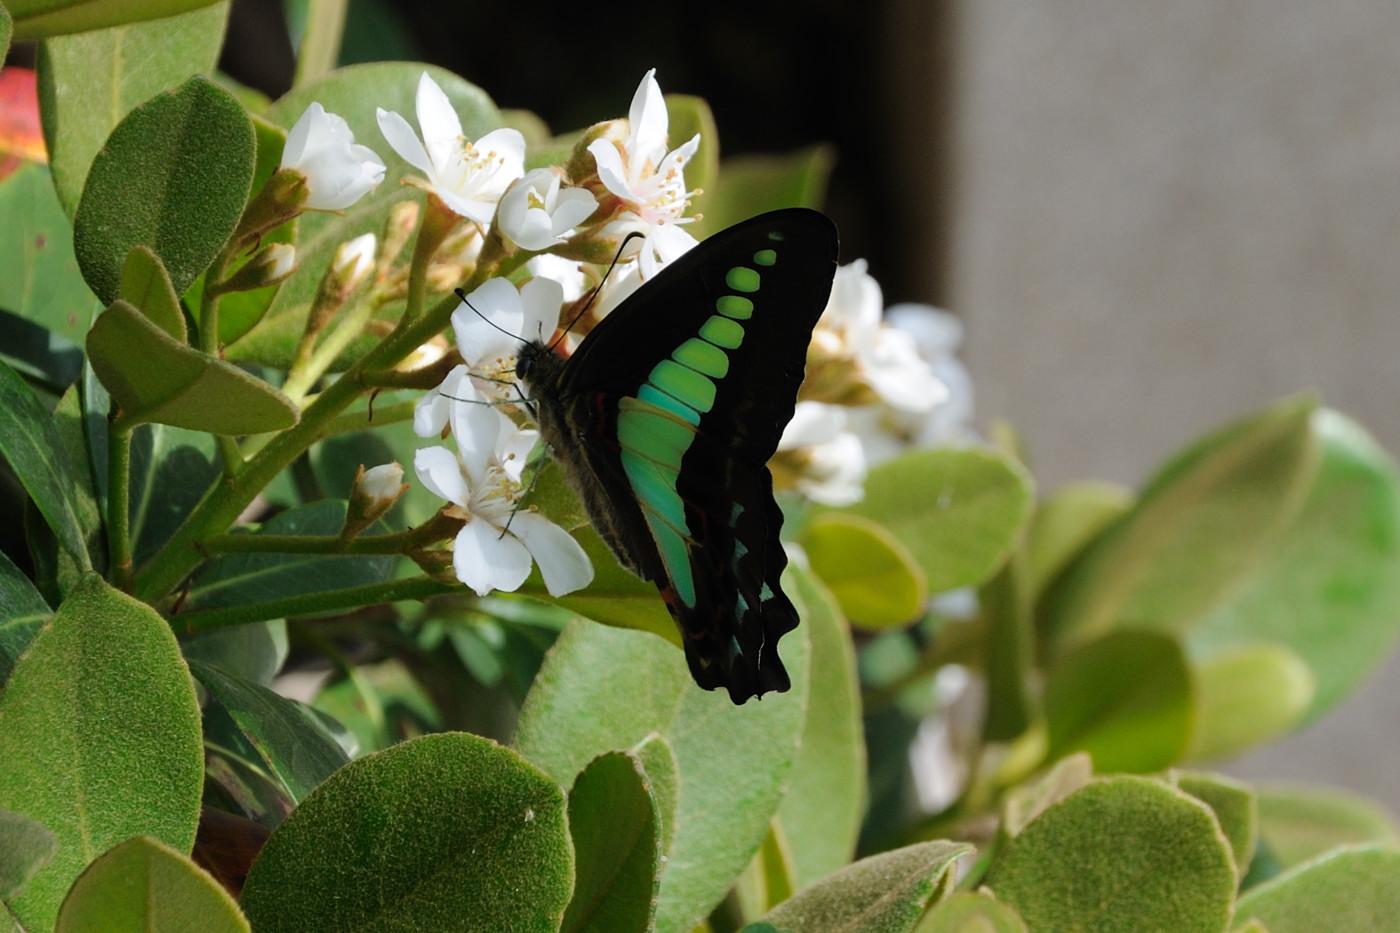 羽をぷるぷるさせながら蜜にありつく蝶